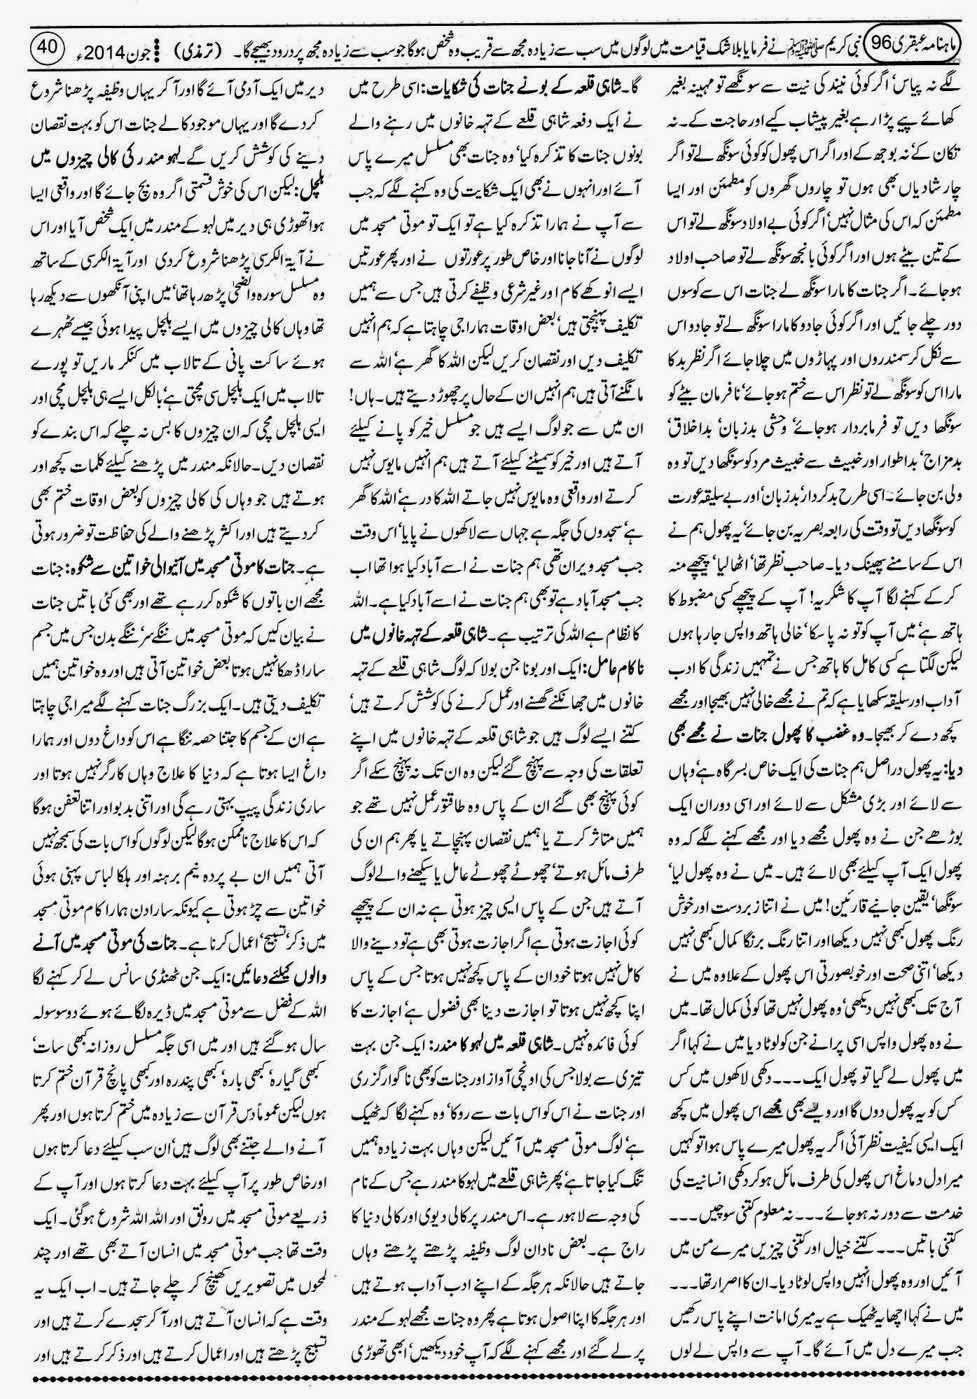 ubqari june 2014 page 40